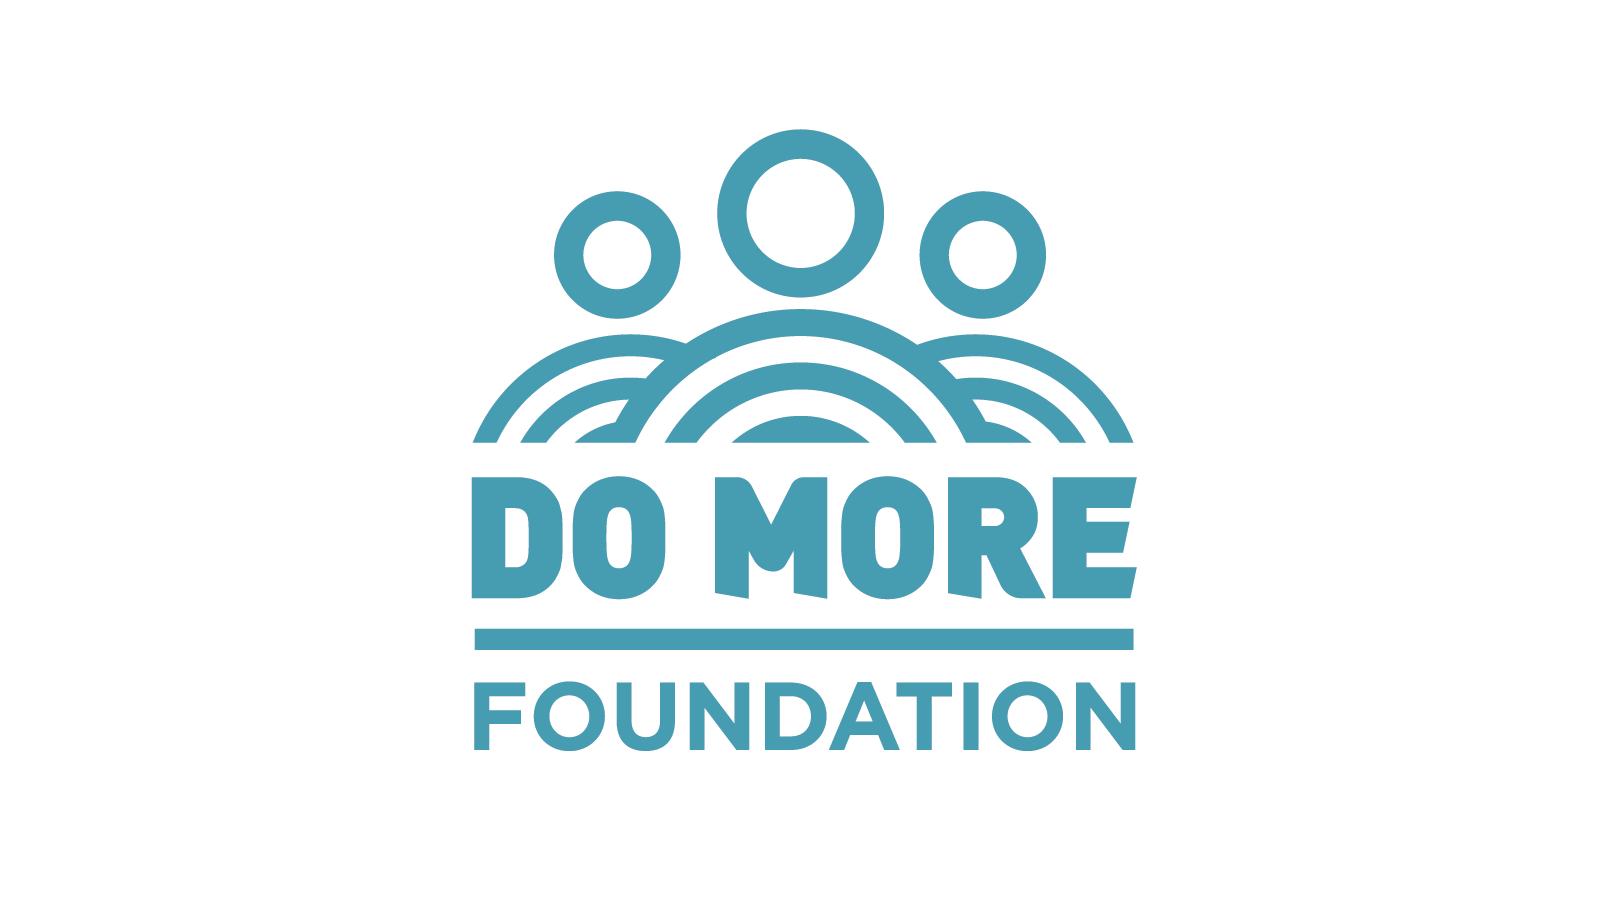 Do More Foundation